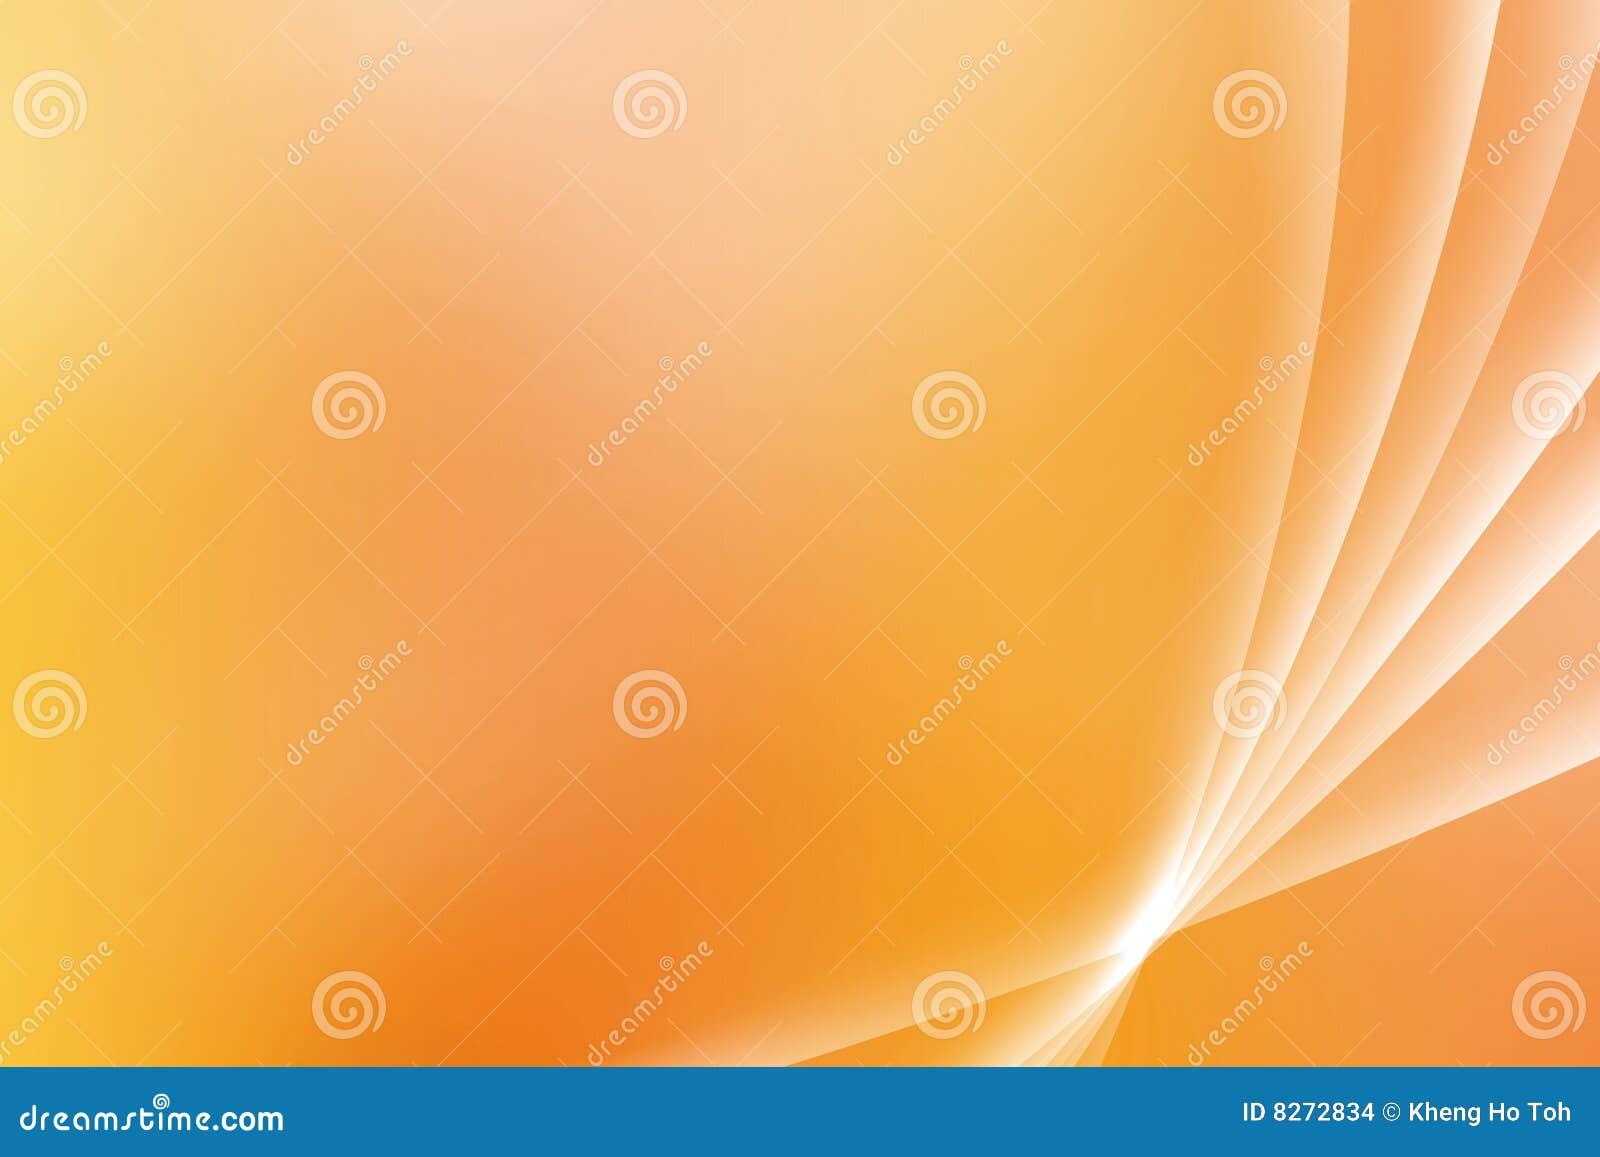 弯曲橙色安慰性的远景